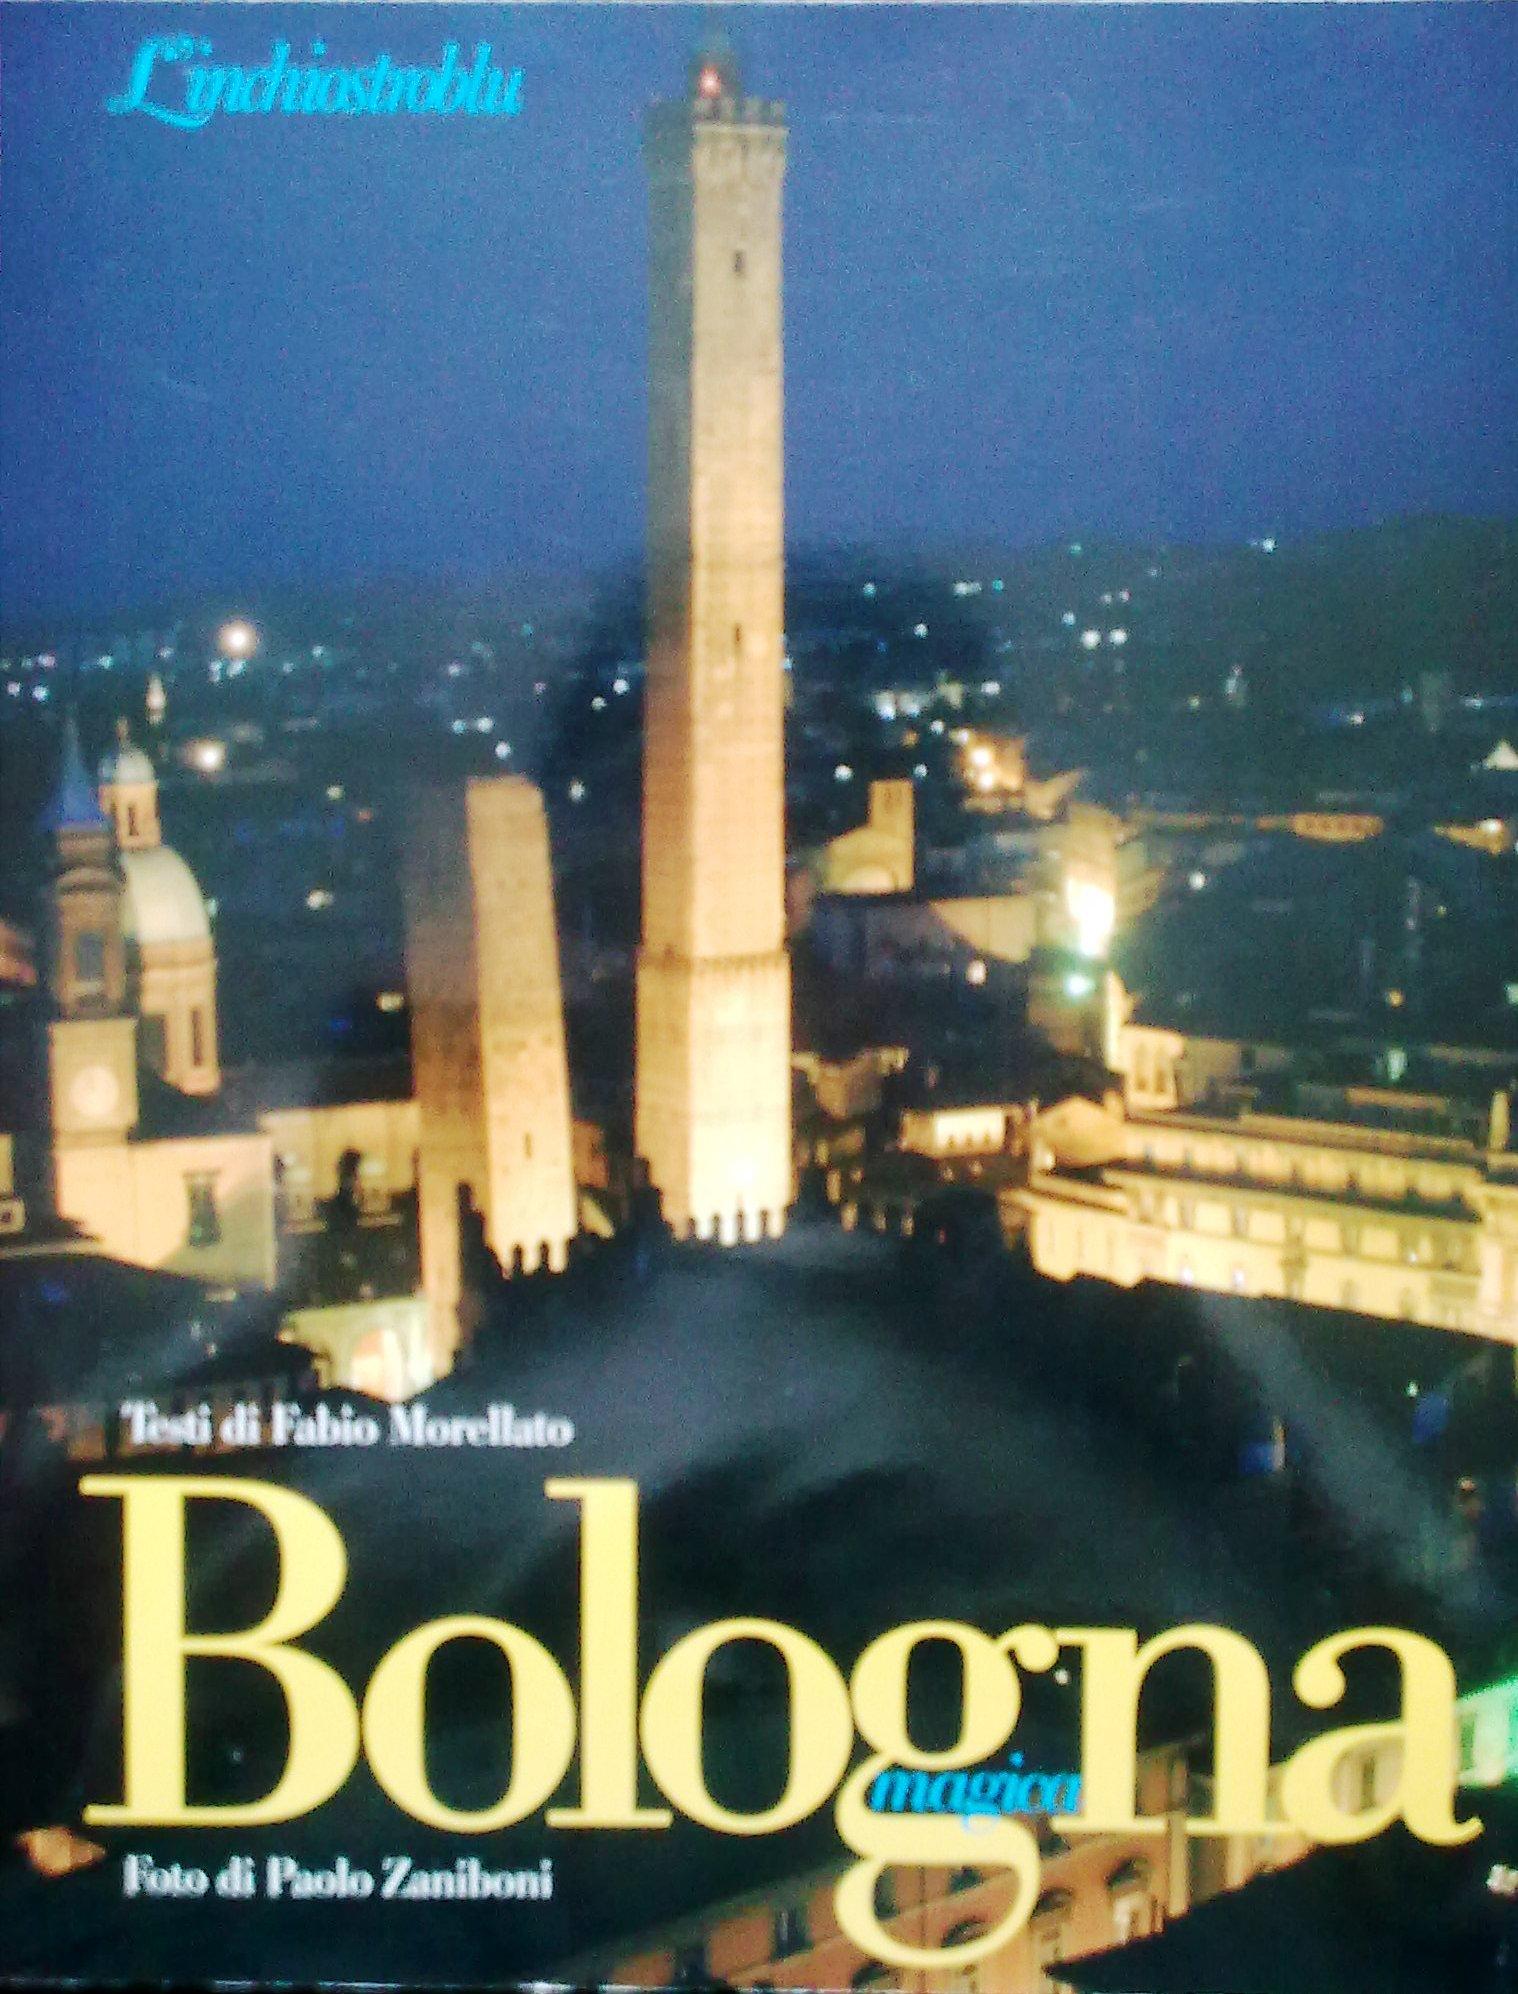 Bologna magica